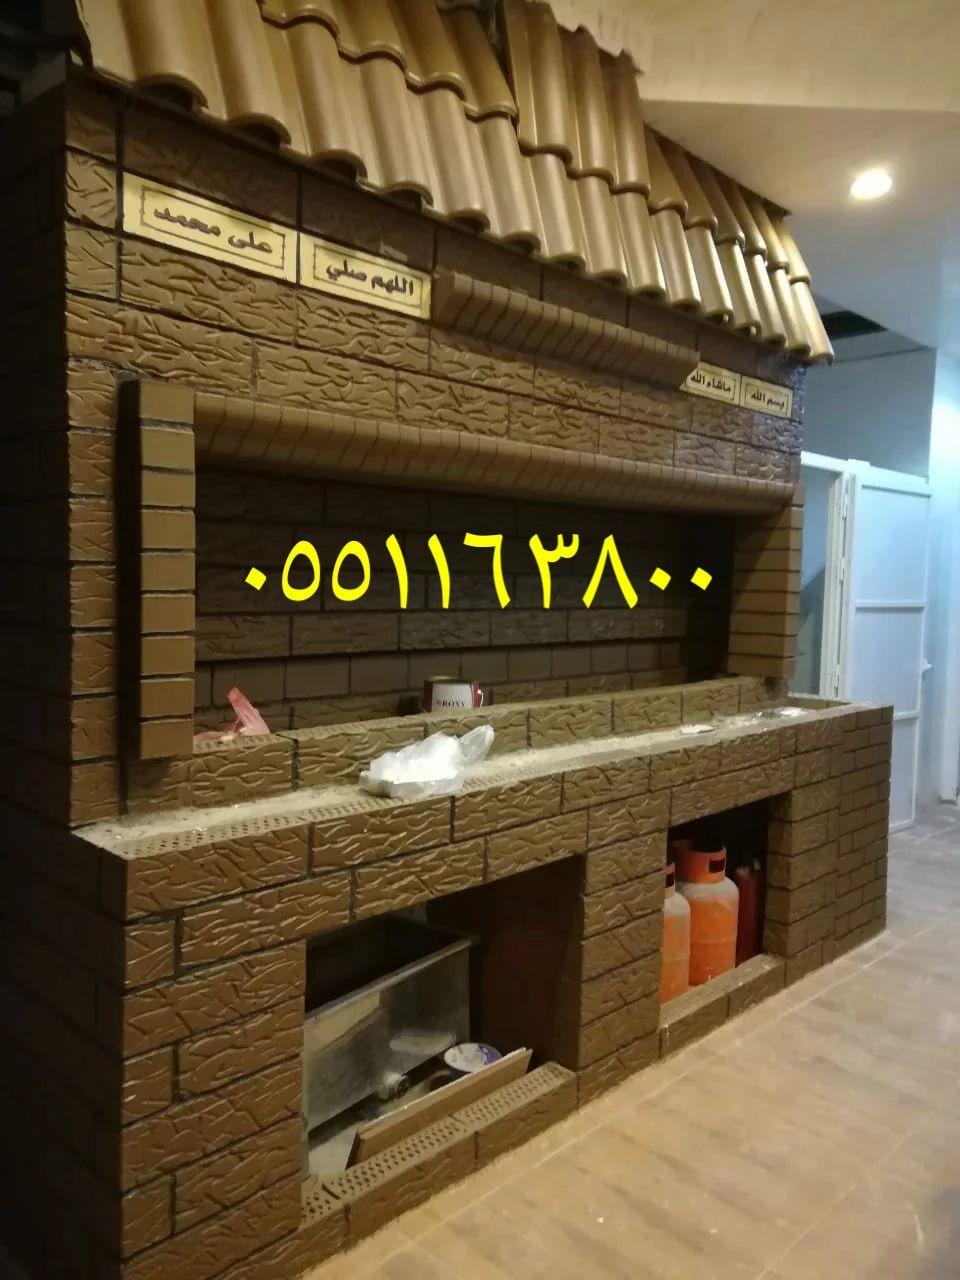 تصميم ديكور محل مطعم باستا Store Design Creative Interior Design Design